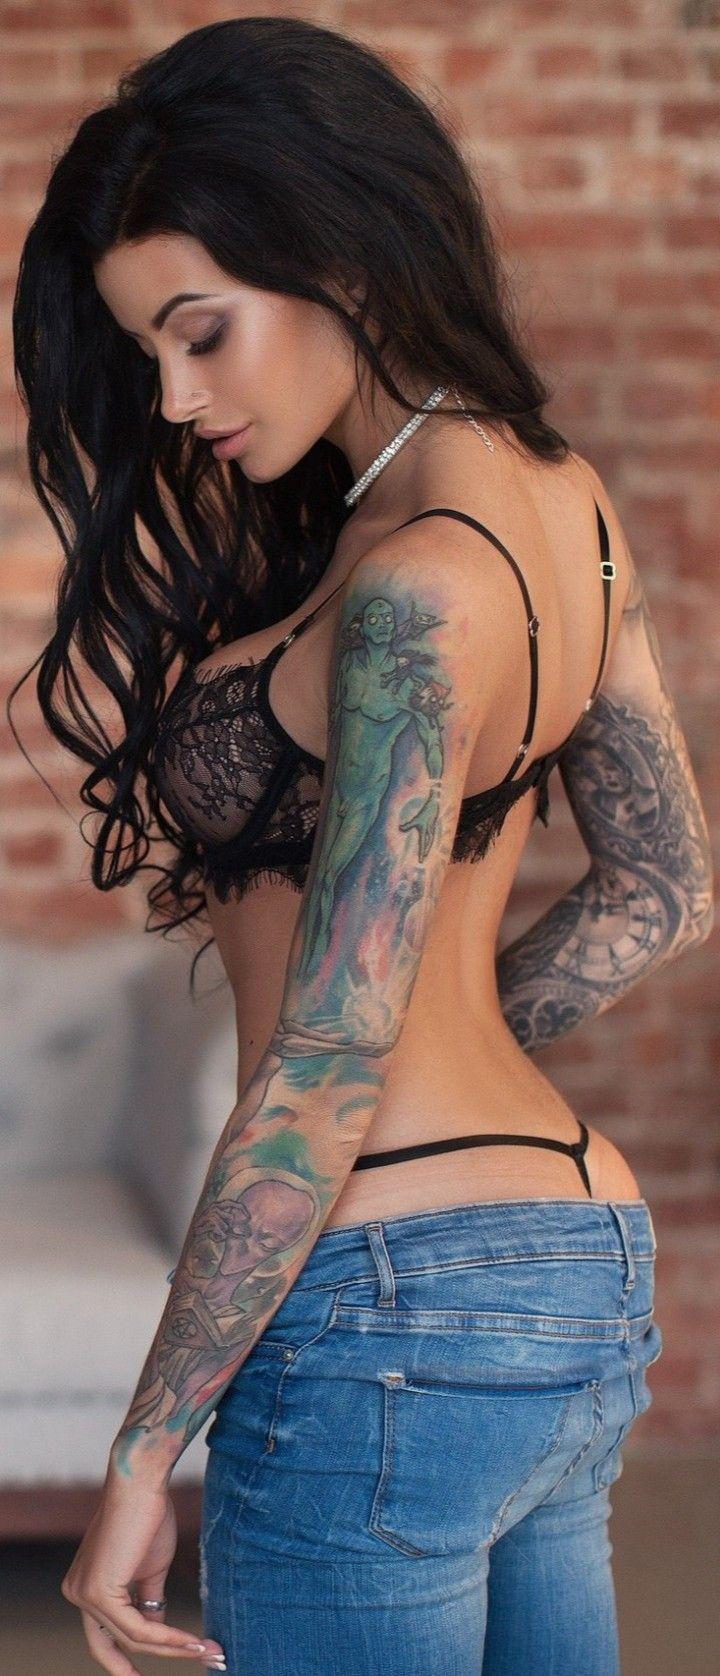 daughter-tattoos-nake-sexy-tsunade-big-tits